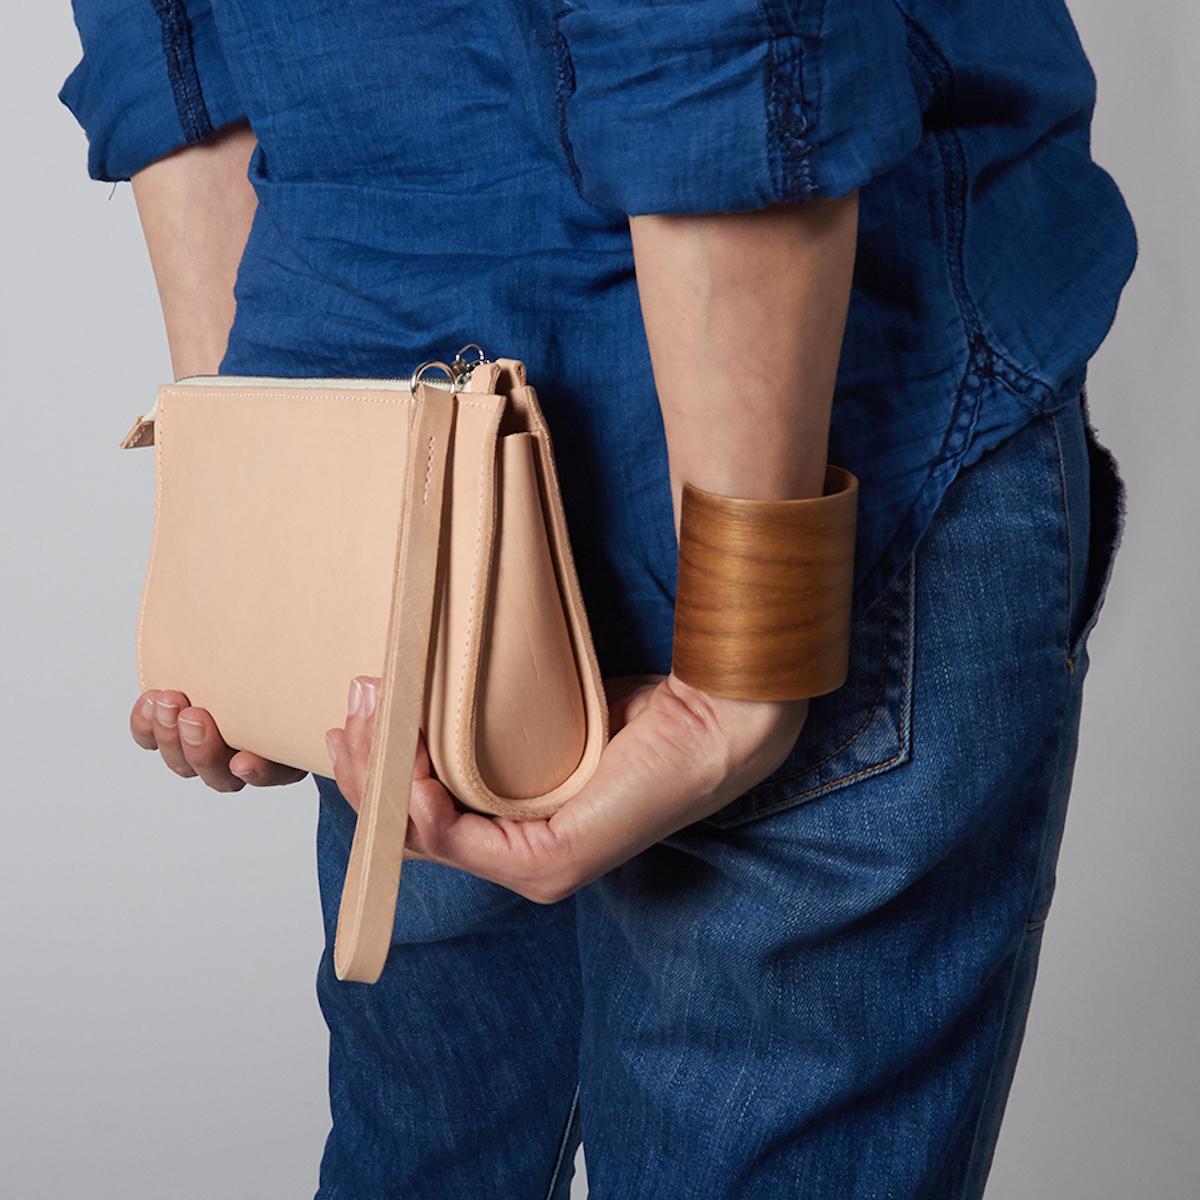 Kathrin Heubeck Taschen_Clutch aus Nappaleder